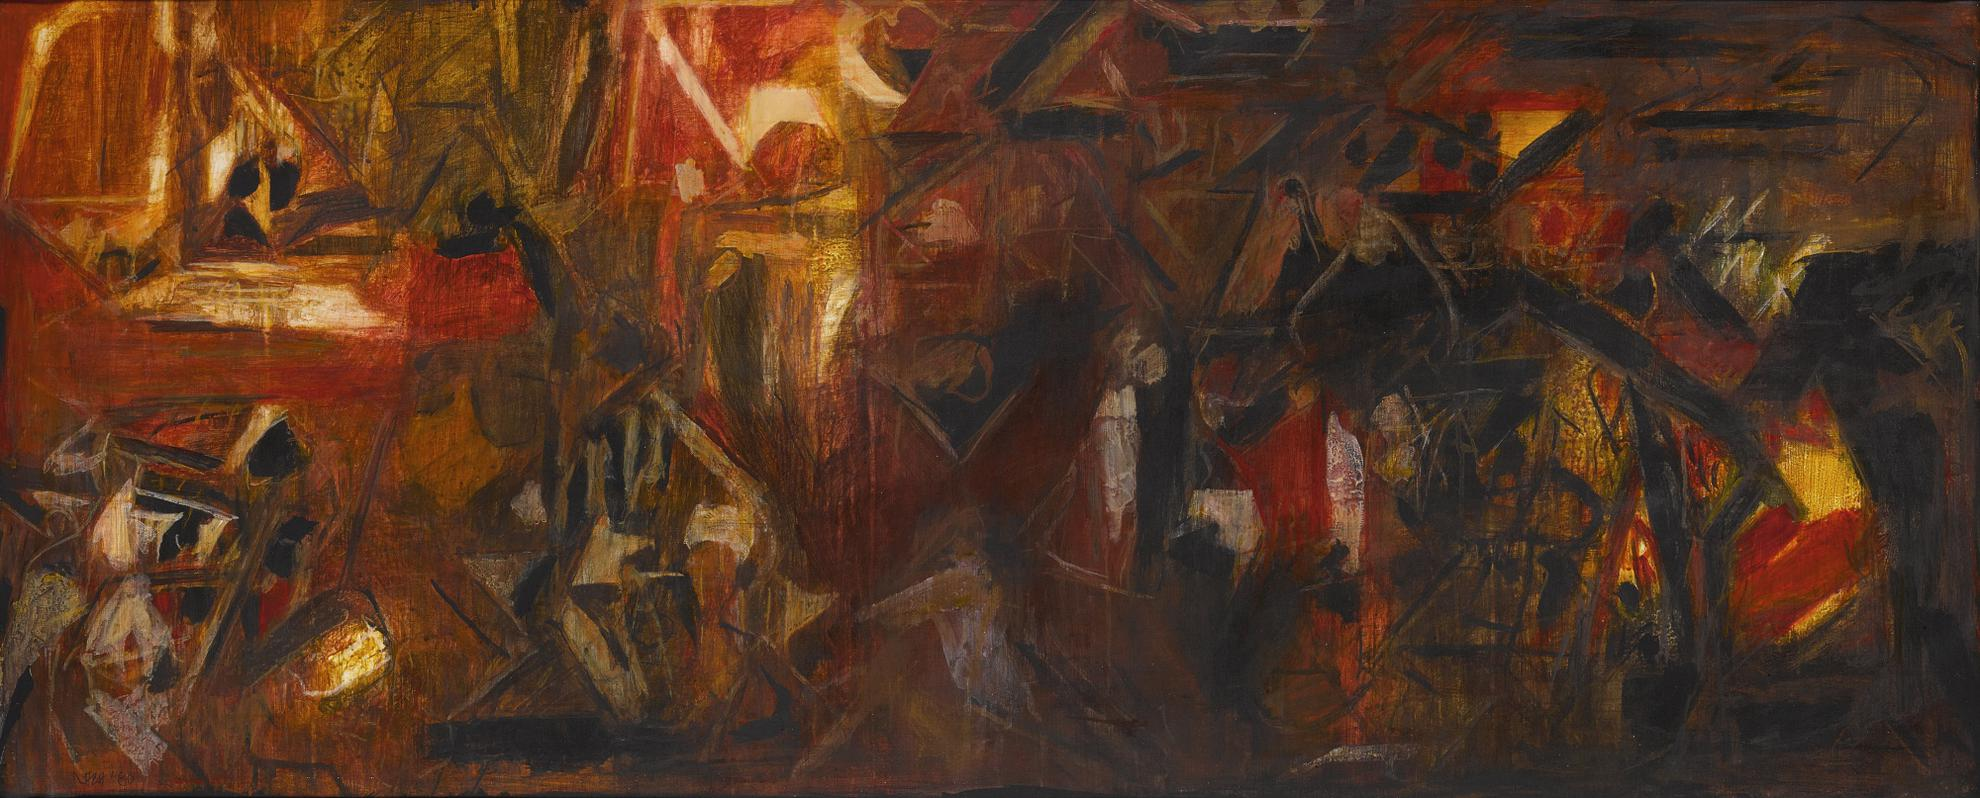 Sayed Haider Raza-La Terre-1980